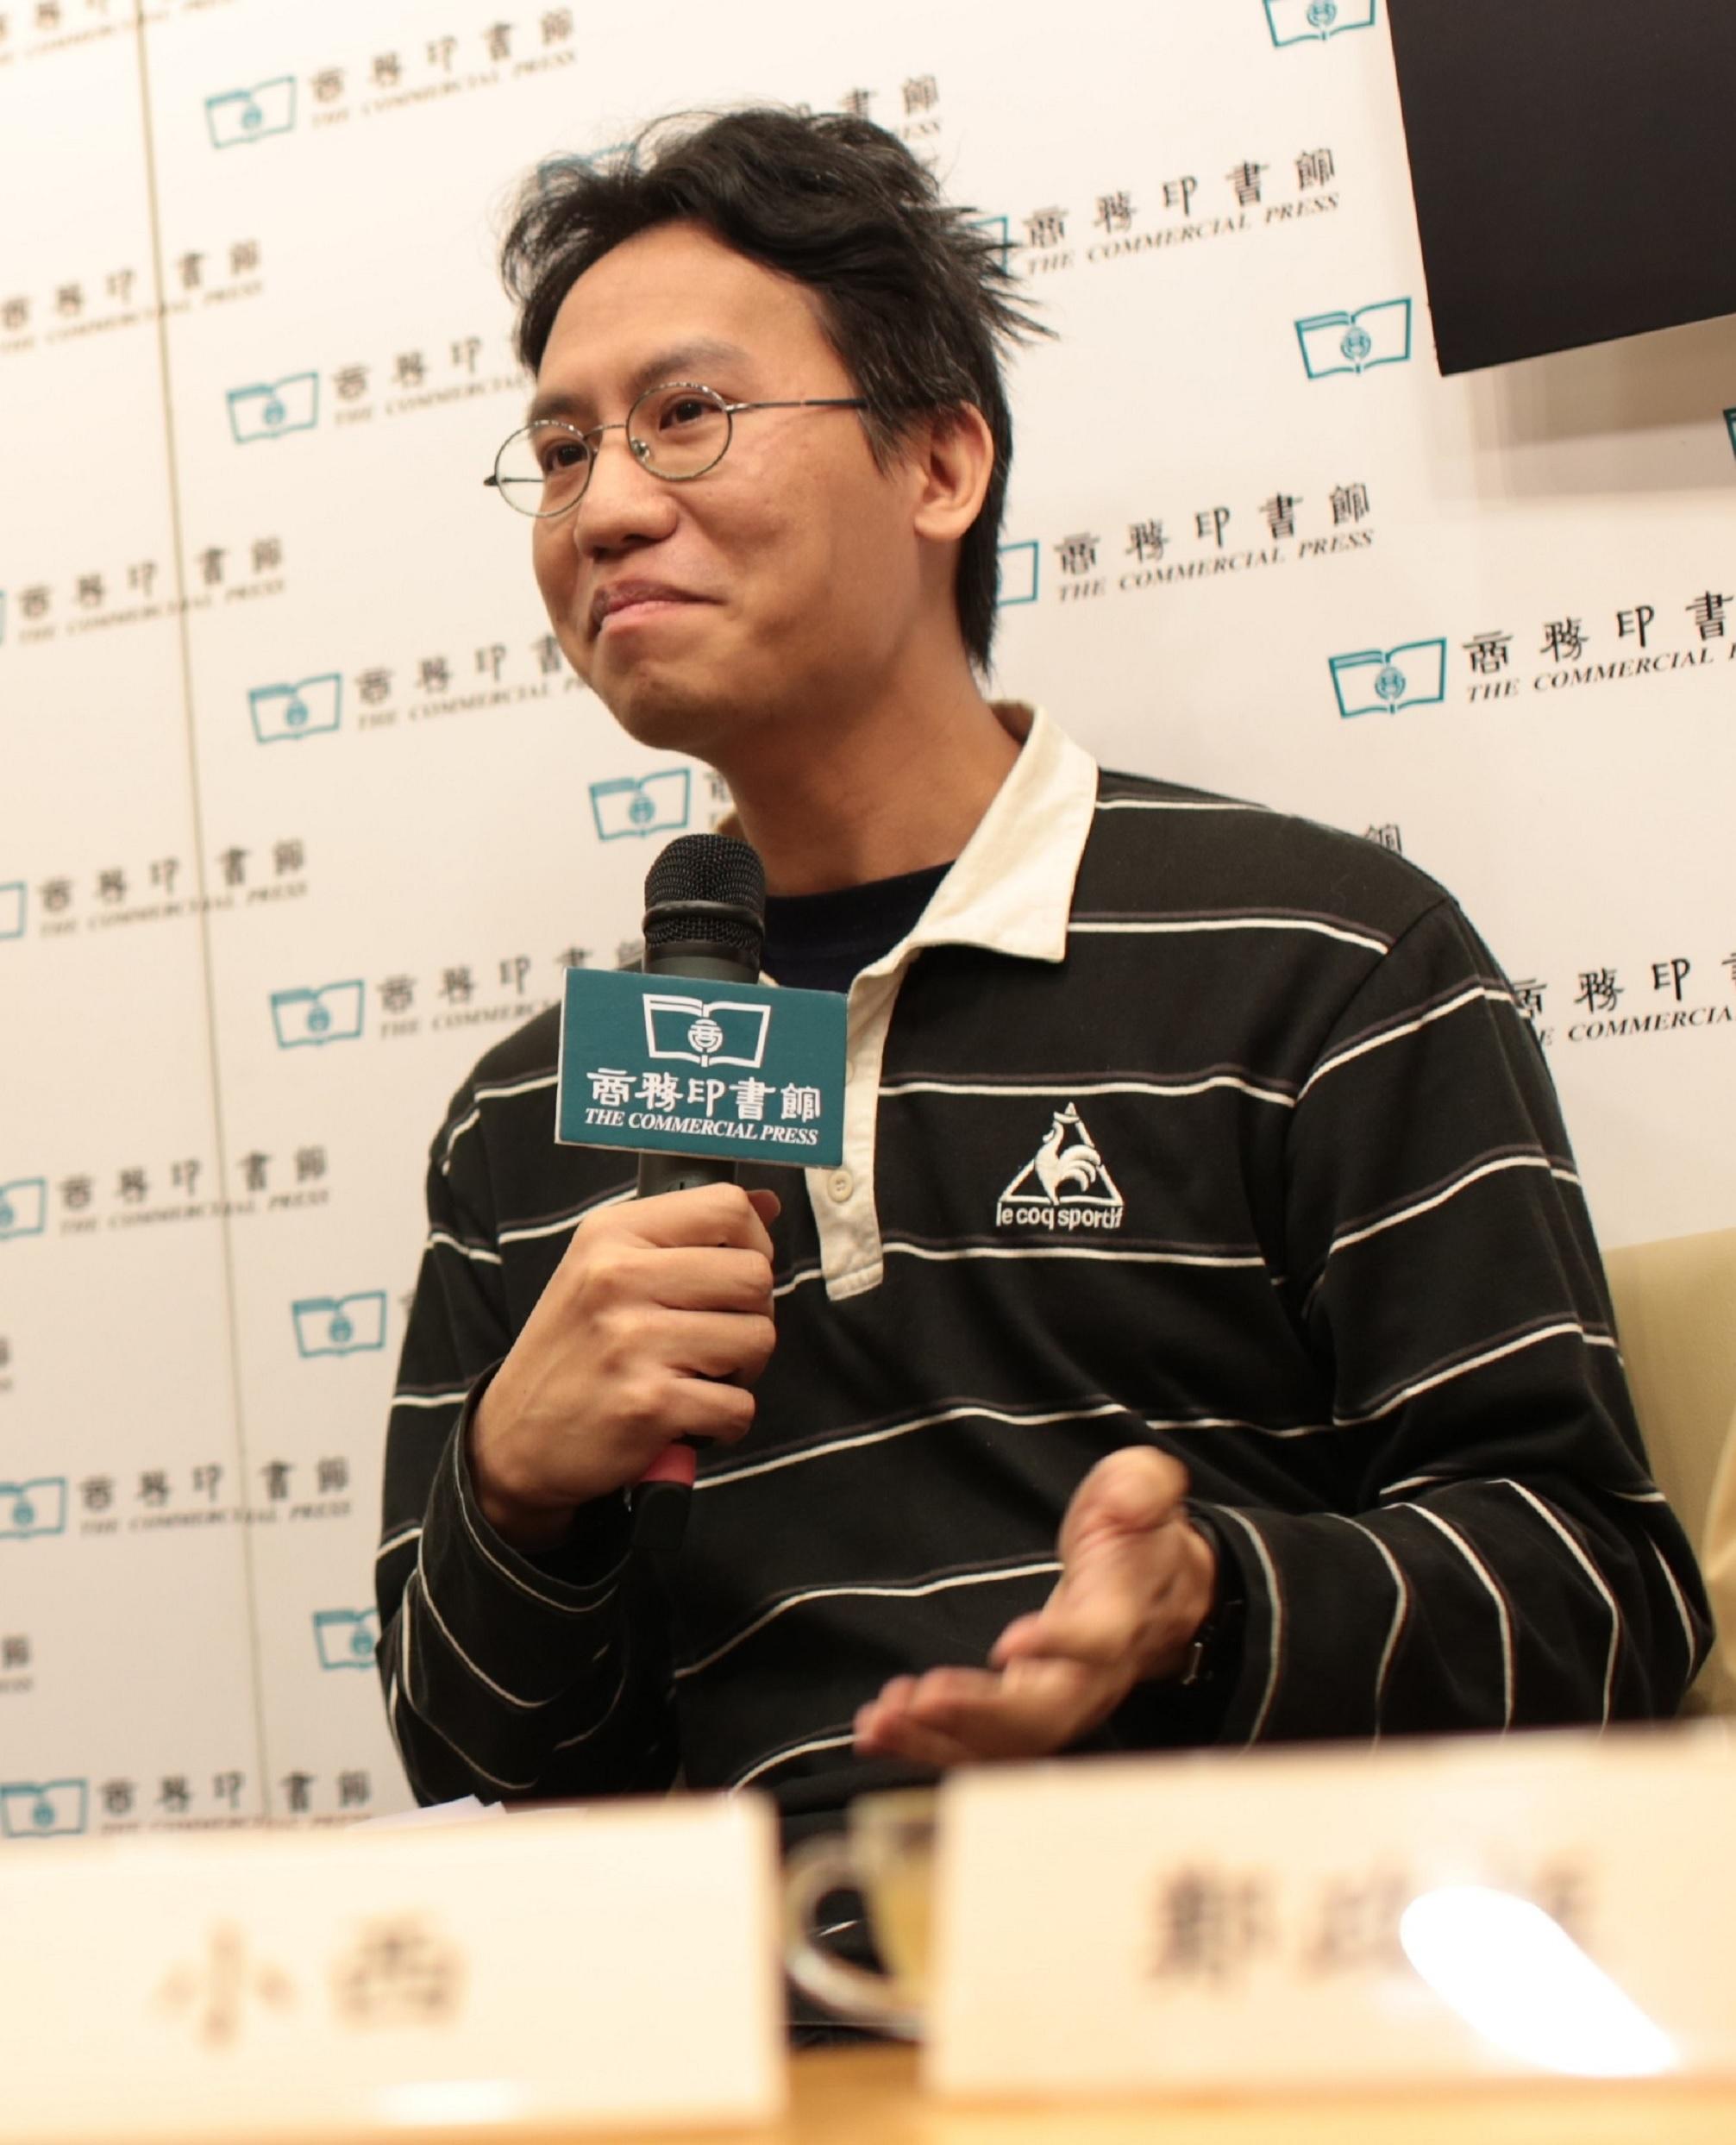 鄭政恆發現最少人寫散文評論.JPG